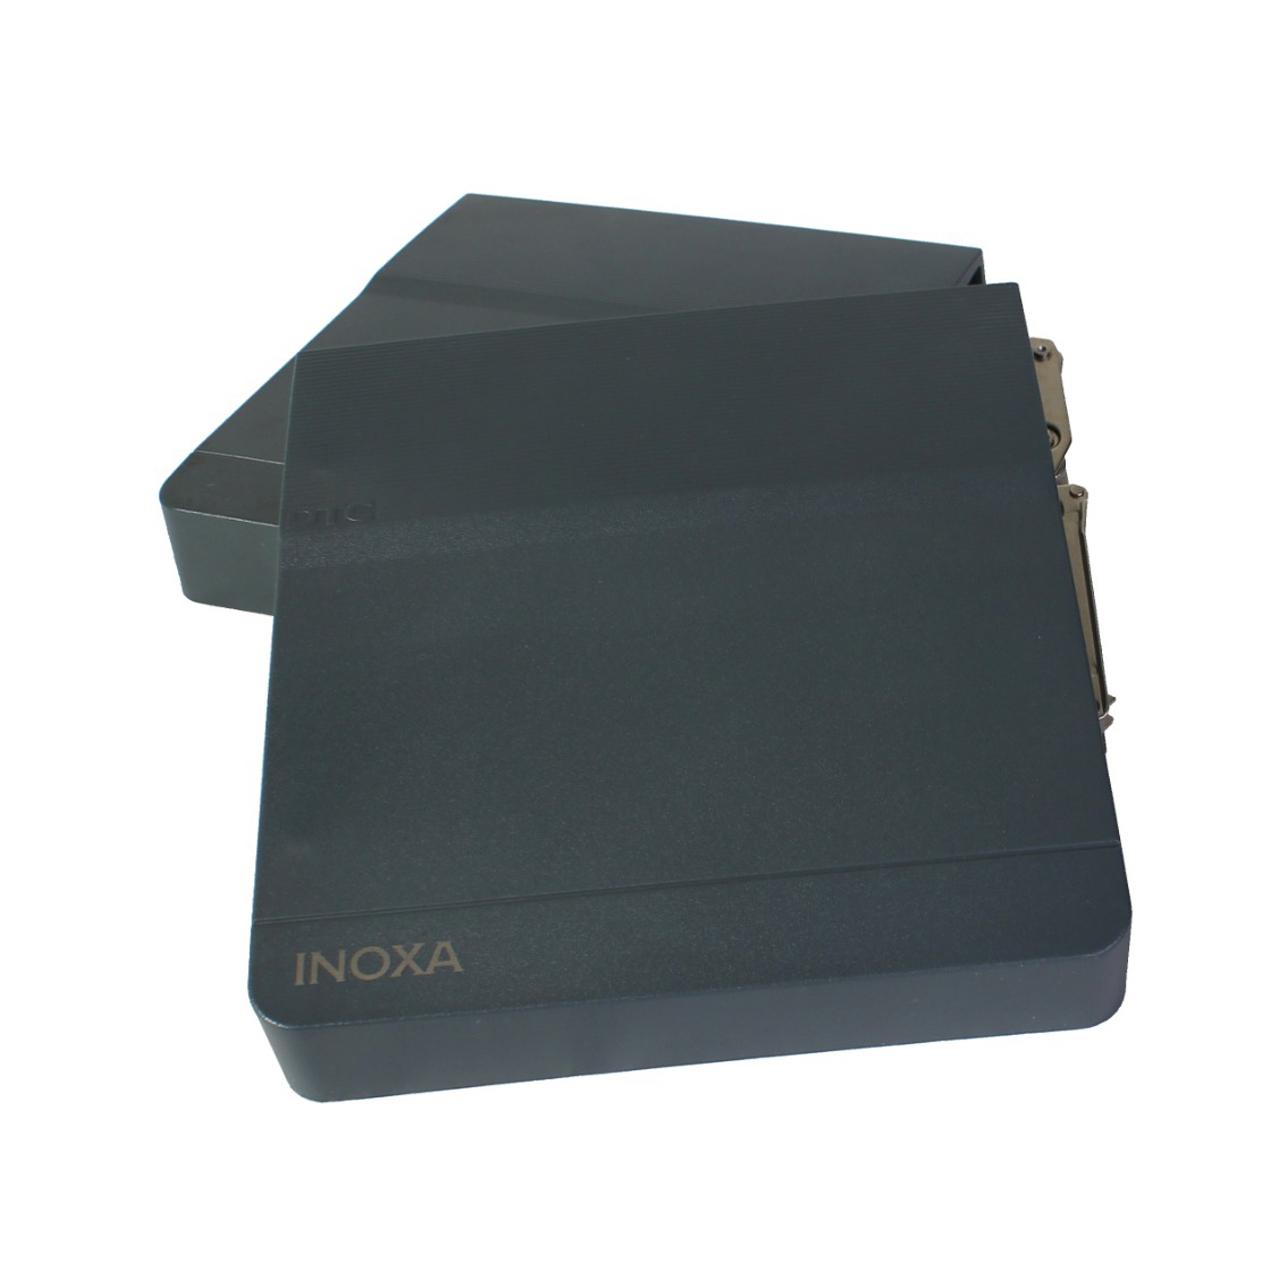 جک آرام بند اینوکسا مدل HK2701 بسته 2 عددی